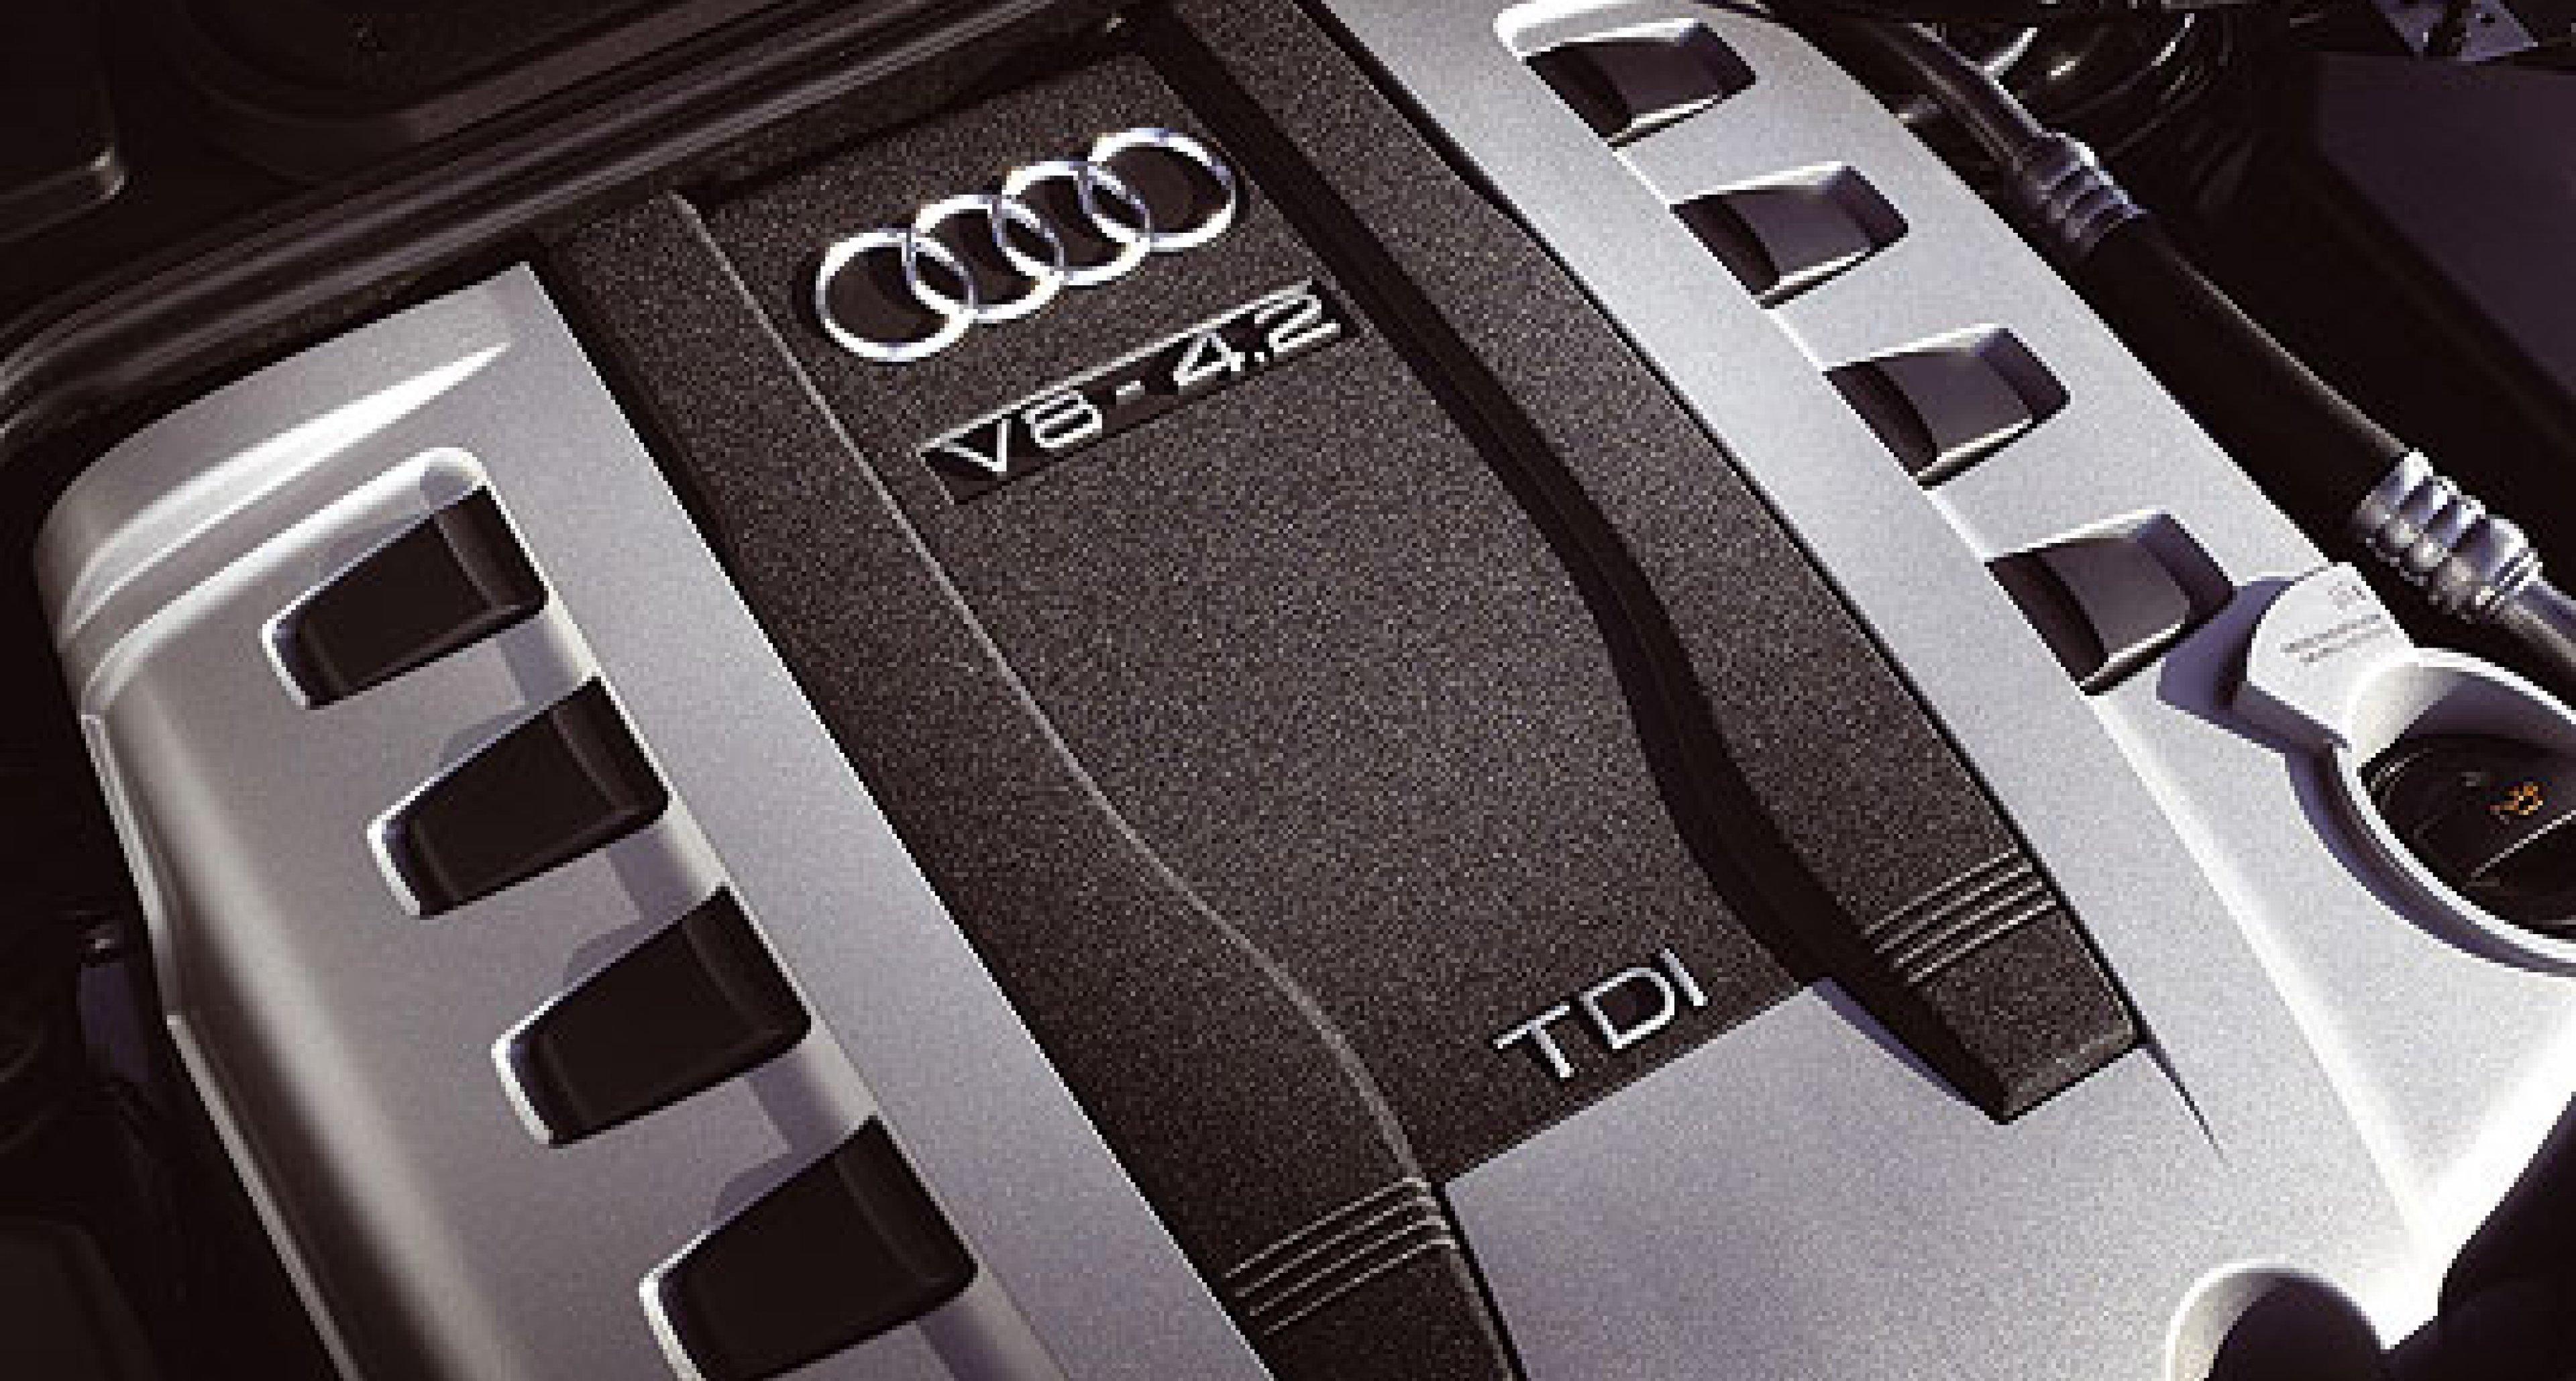 Audi A8 4.2 TDI quattro: Stärkster Diesel-Pkw der Welt